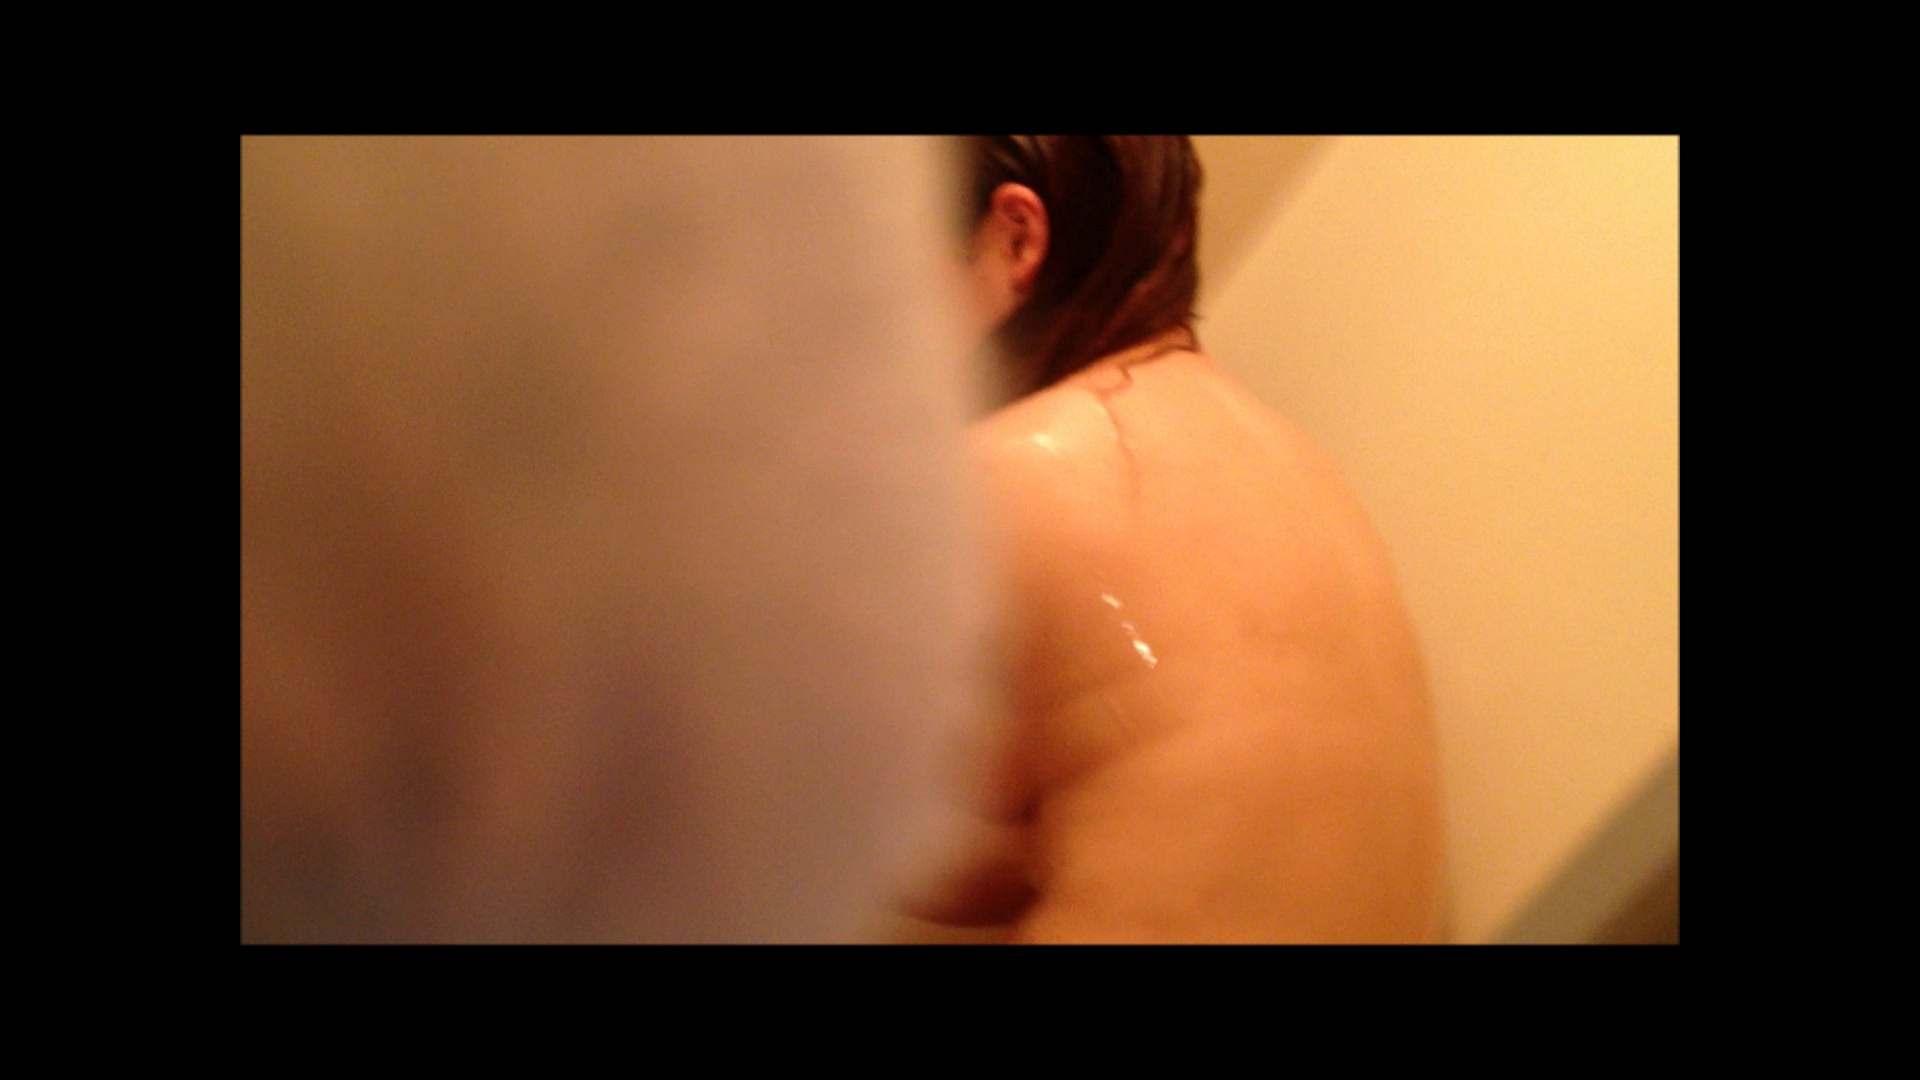 09(9日目)彼女も風呂を撮られるのに慣れてきたような・・・ マンコ特集 | 盗撮エロすぎ  80連発 34